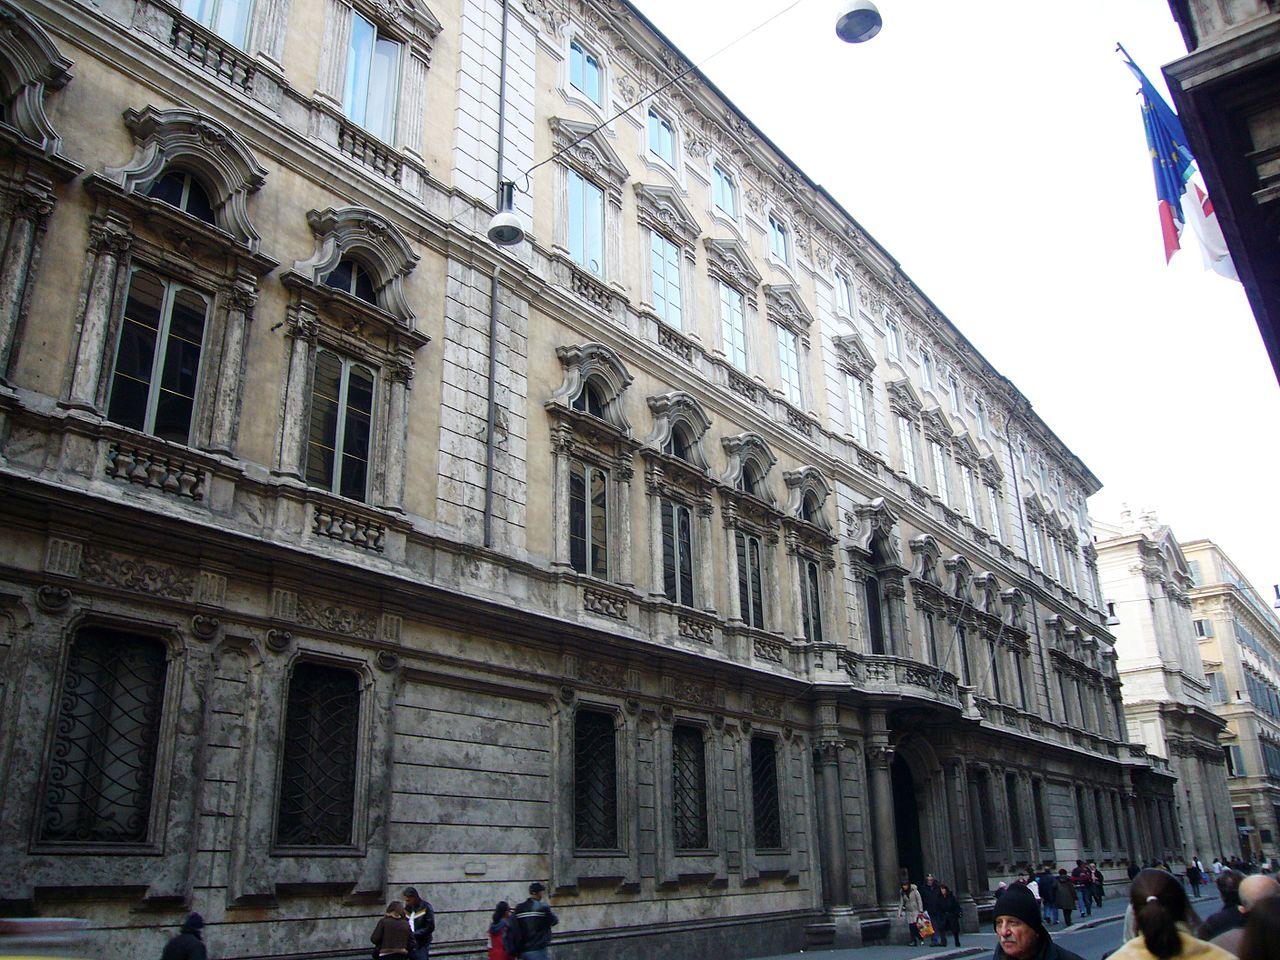 1280px-Pigna_-_via_del_Corso_palazzo_Doria_Pamphili_1000419.JPG